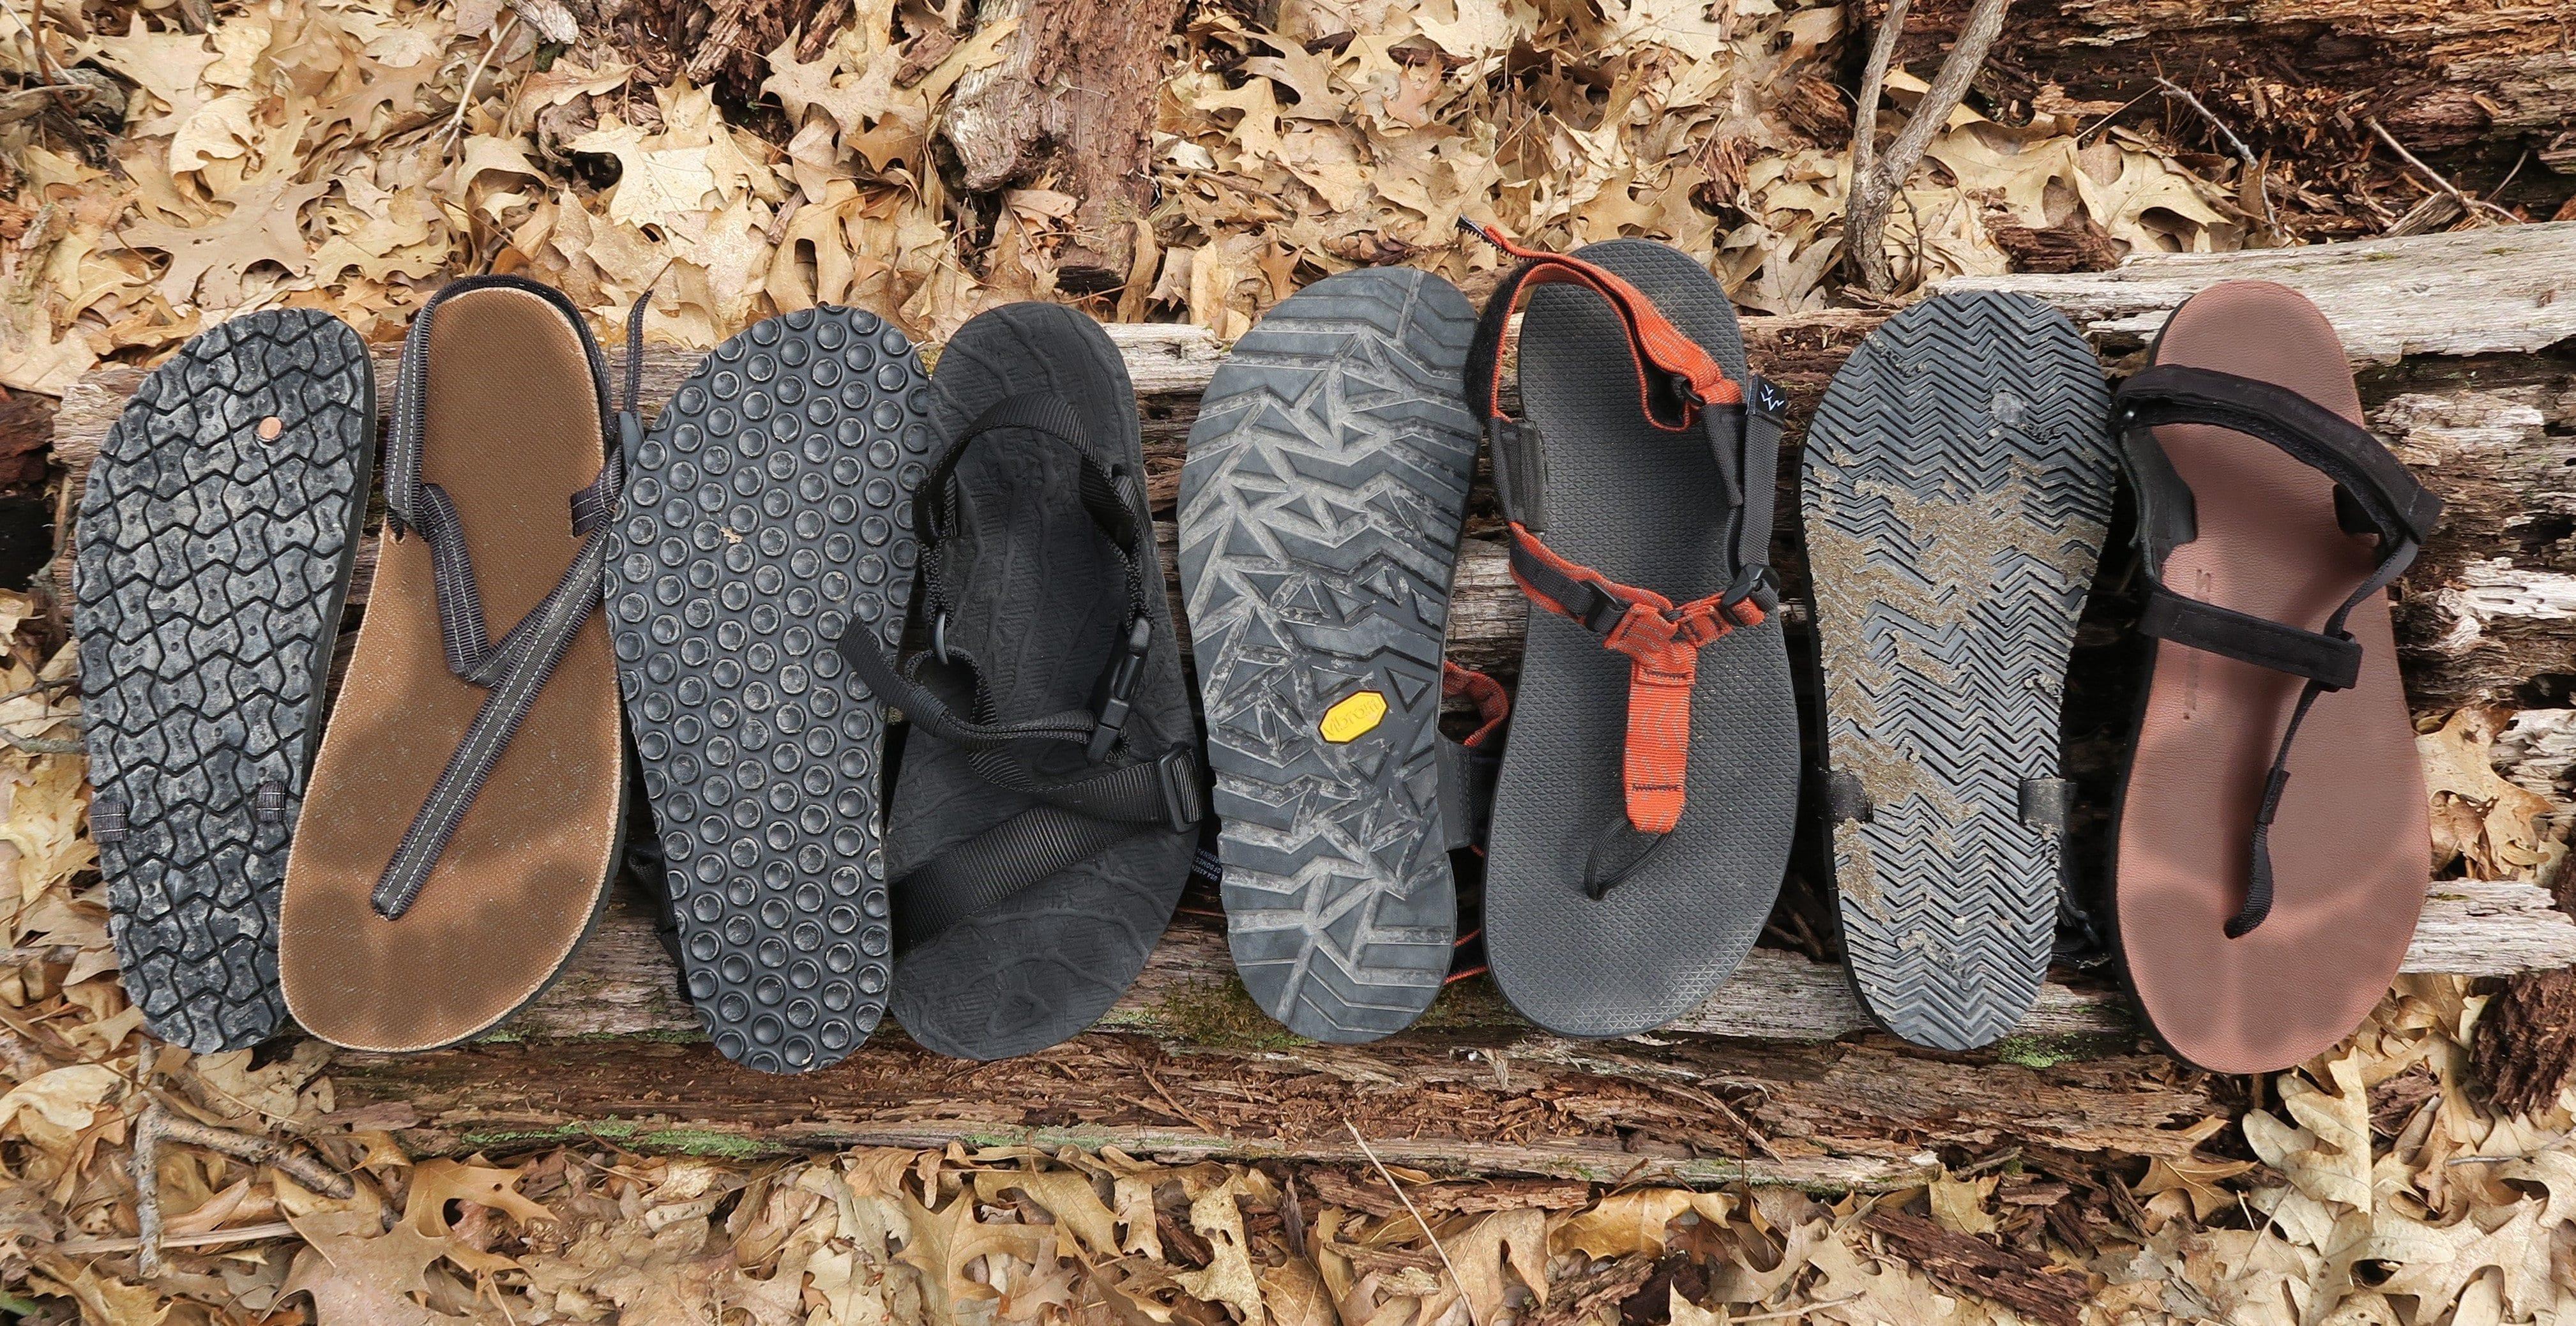 Best Minimalist Adventure Sandals for Summer